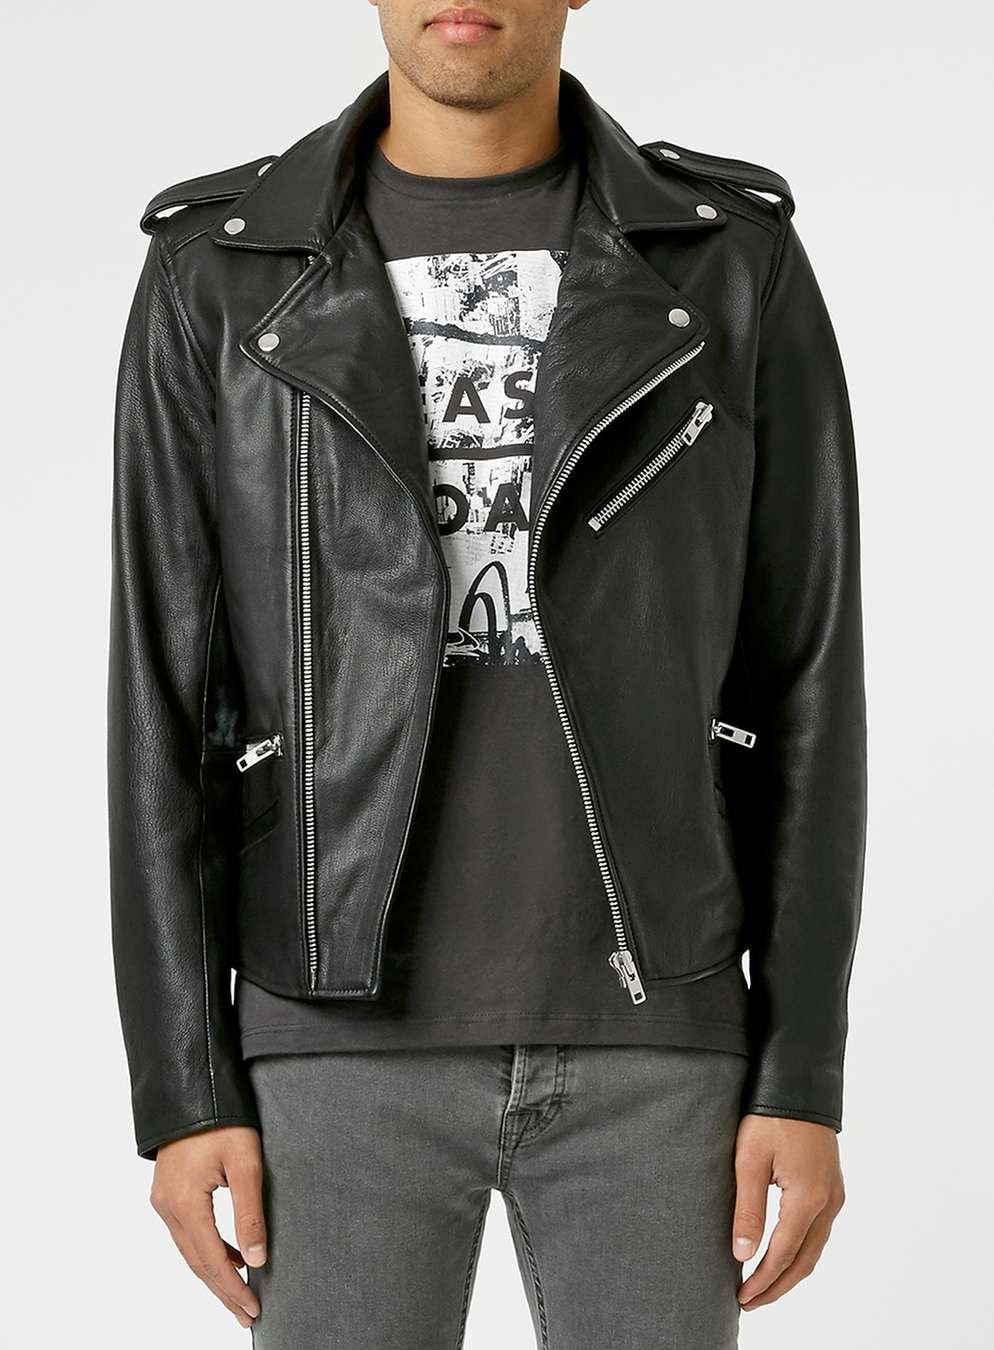 Leather jacket europe - Leather